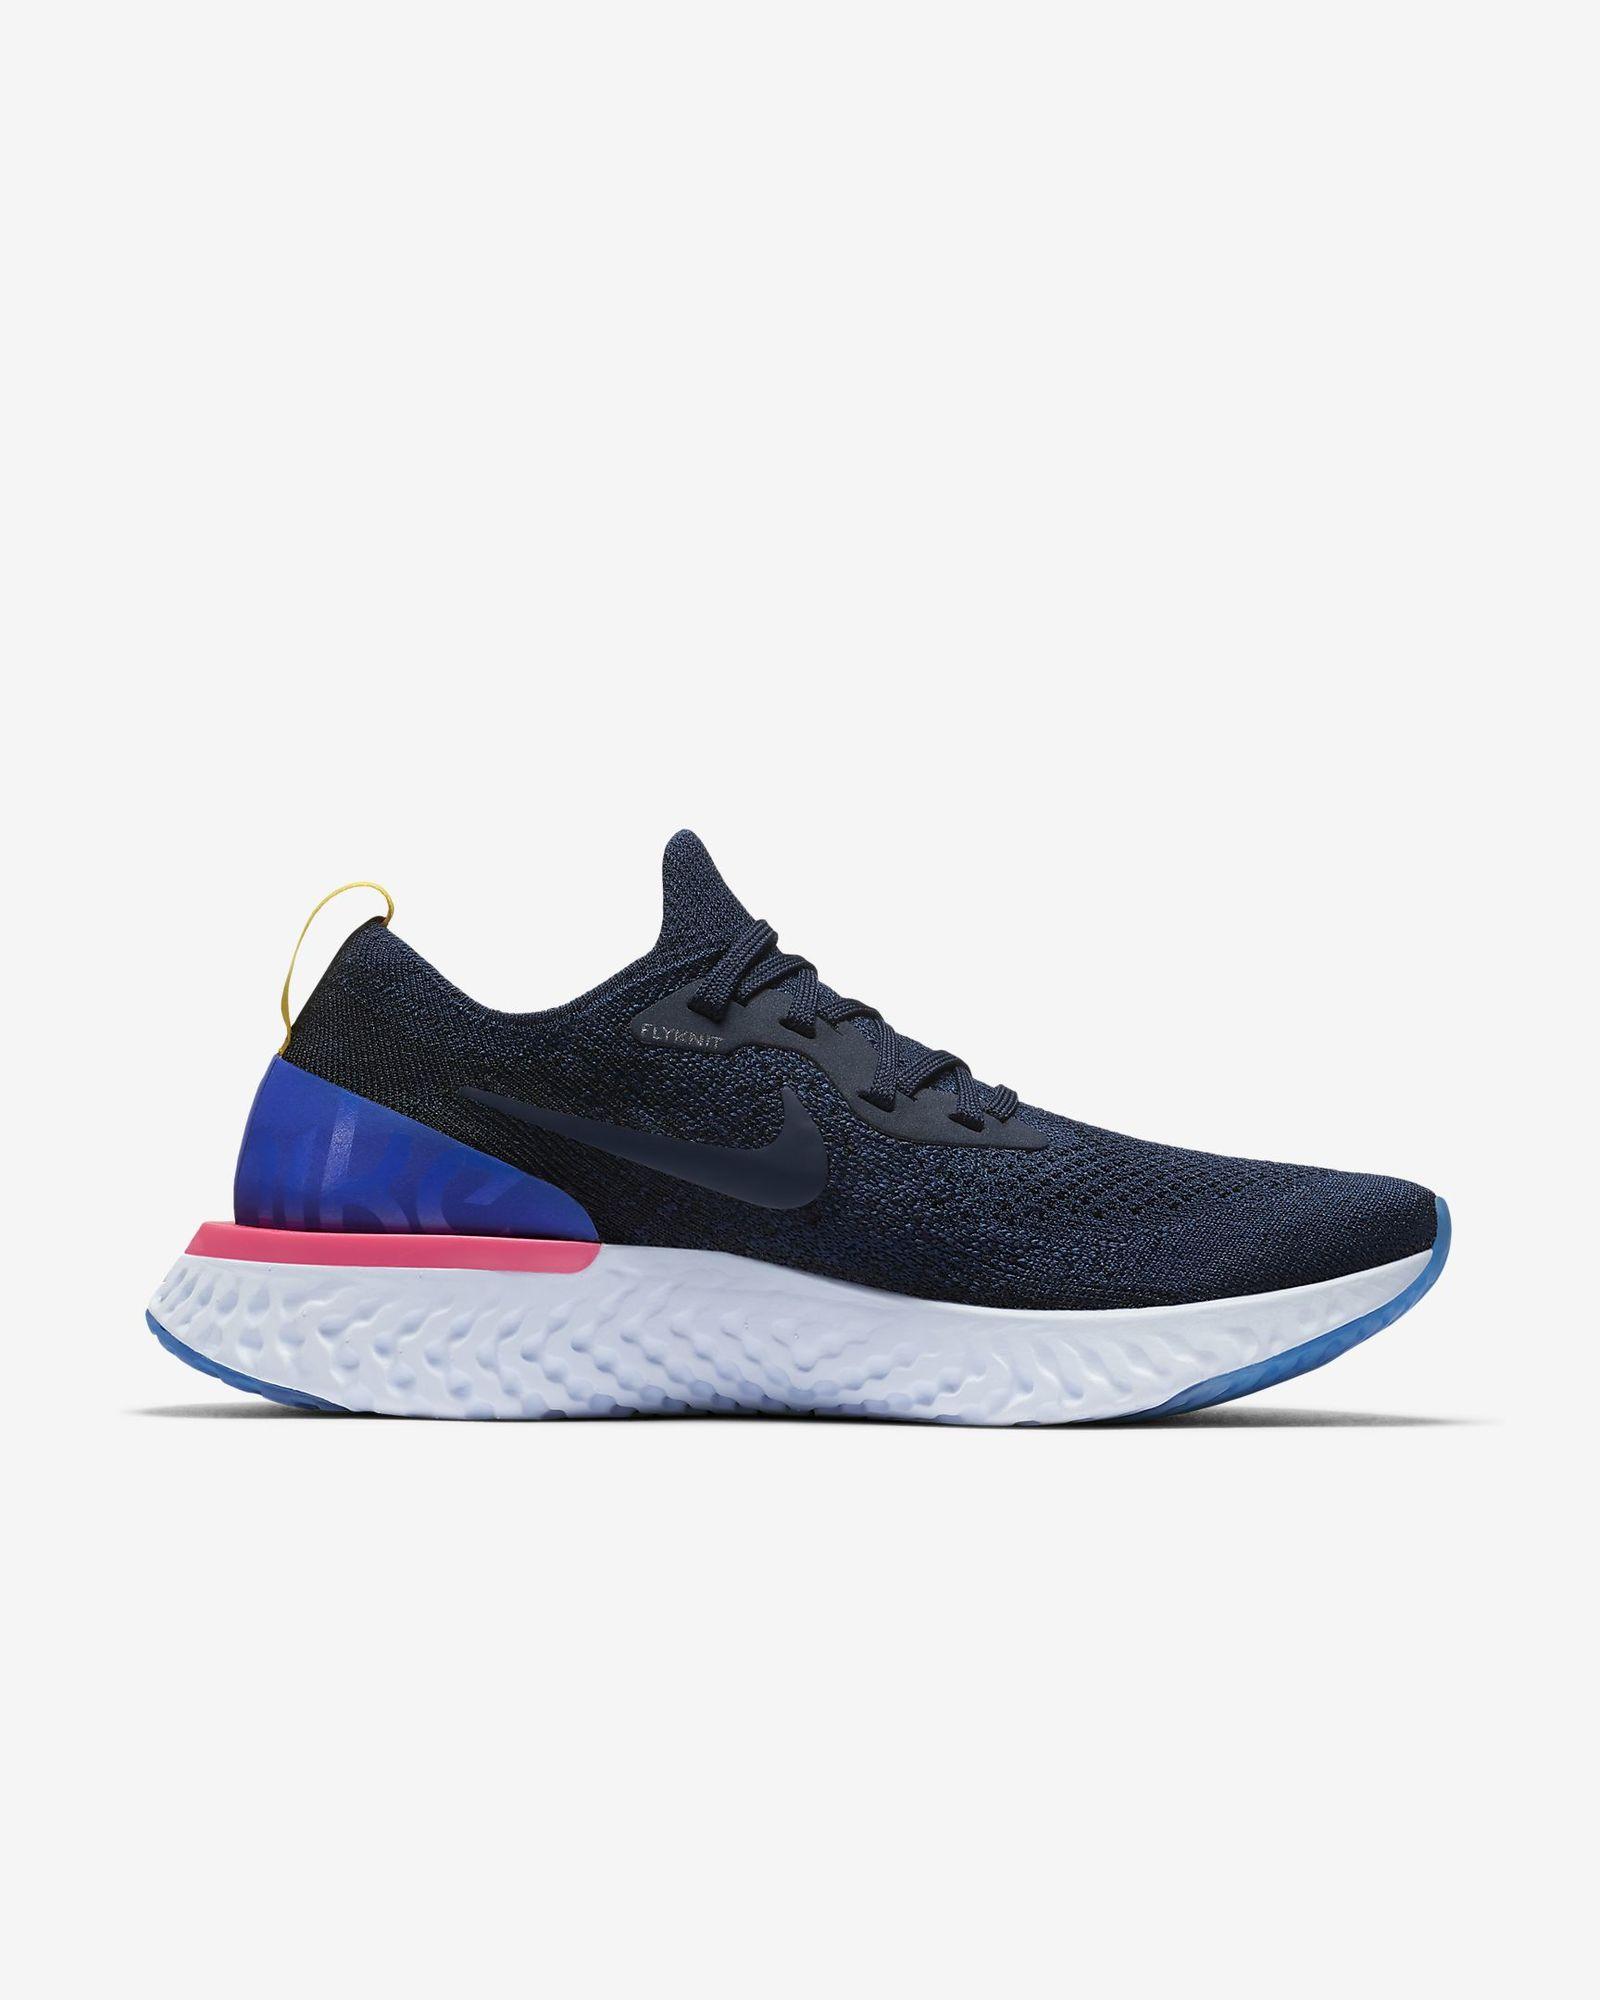 Nike Lady Epic React Flyknit in Blau Weiß